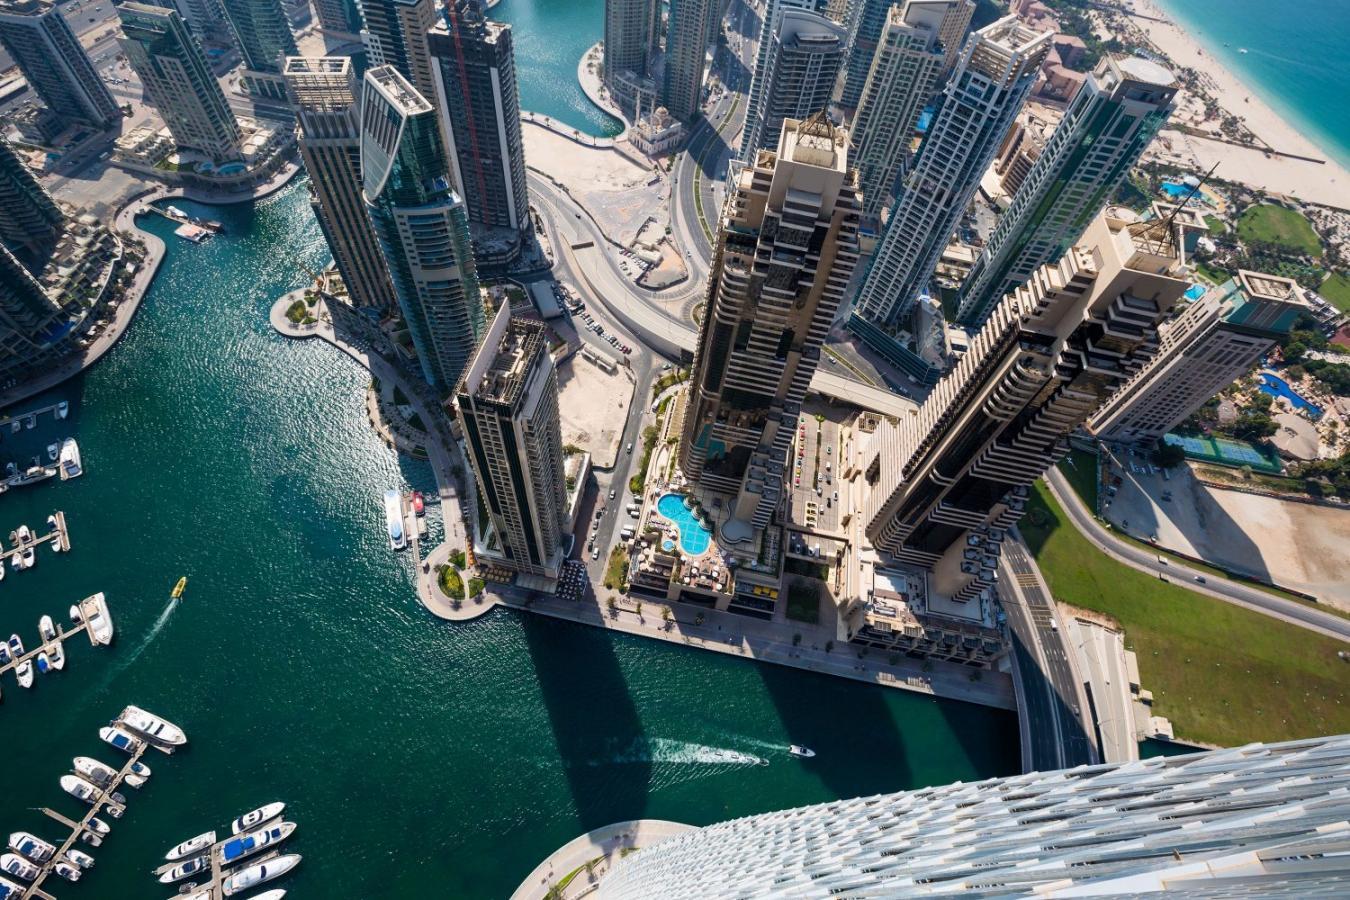 Dubai lancia la blockchain nazionale del turismo 20 per collegare acquirenti direttamente ai tour operator - Dubai lancia la blockchain nazionale del turismo 2.0 per collegare acquirenti direttamente ai tour operator